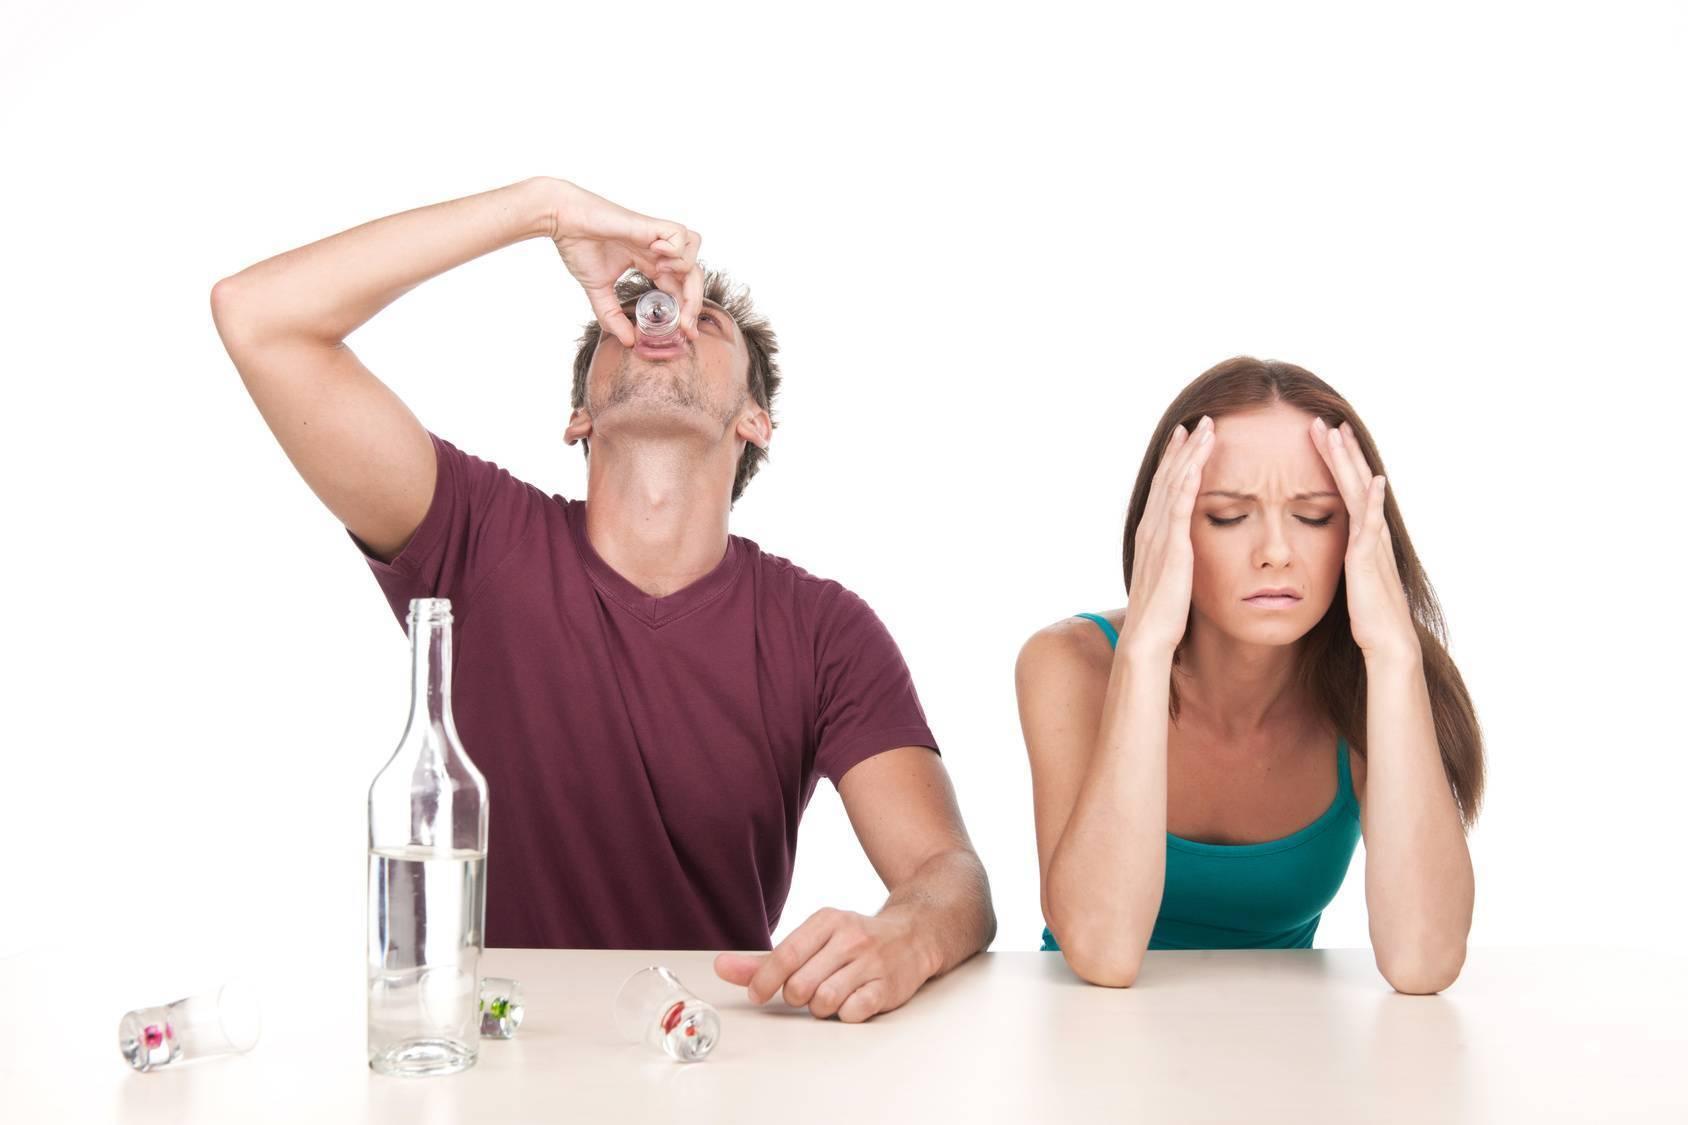 Убедить алкоголика лечиться: способы мотивации - освобождение